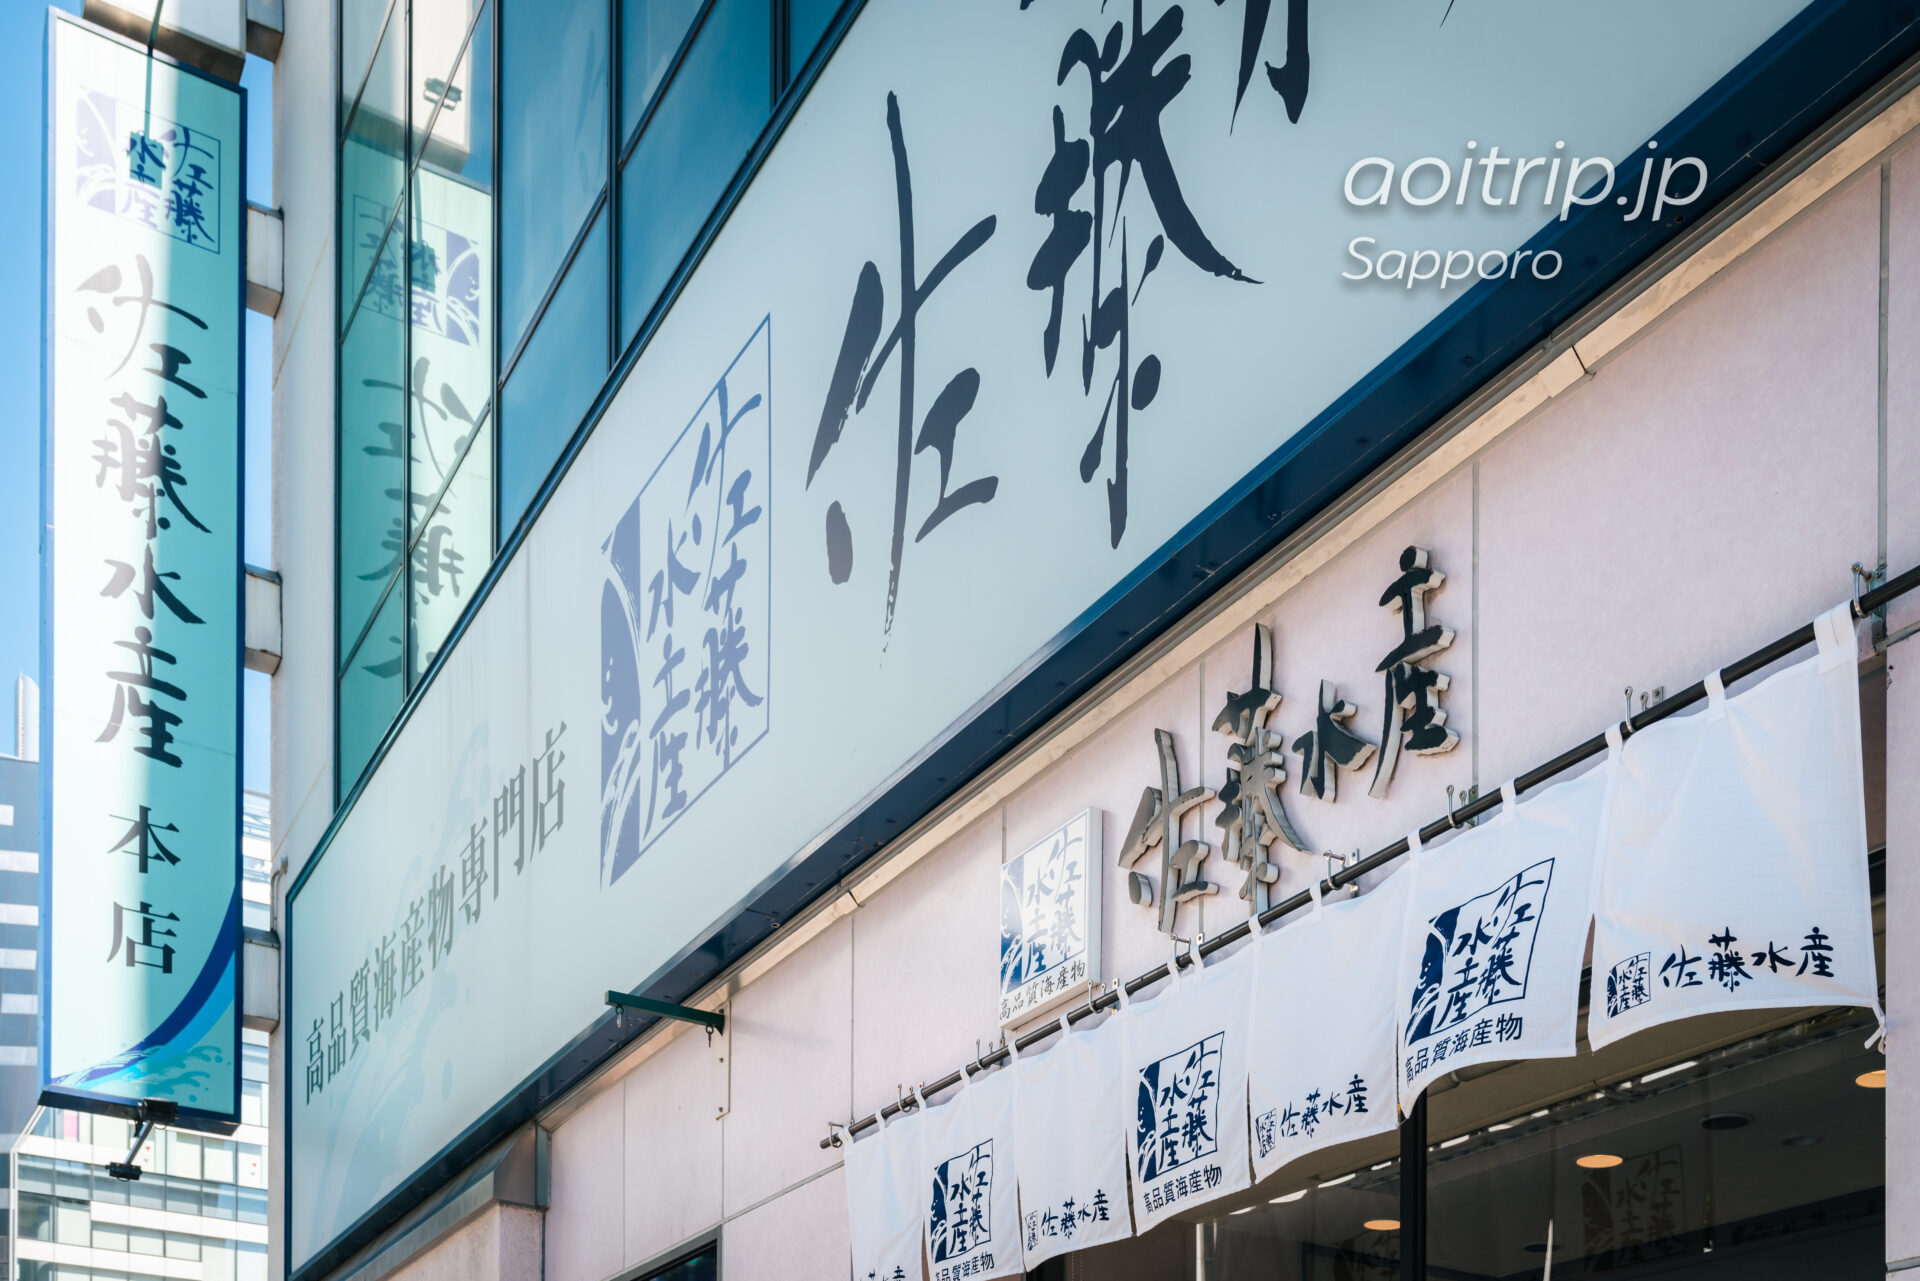 佐藤水産 札幌本店